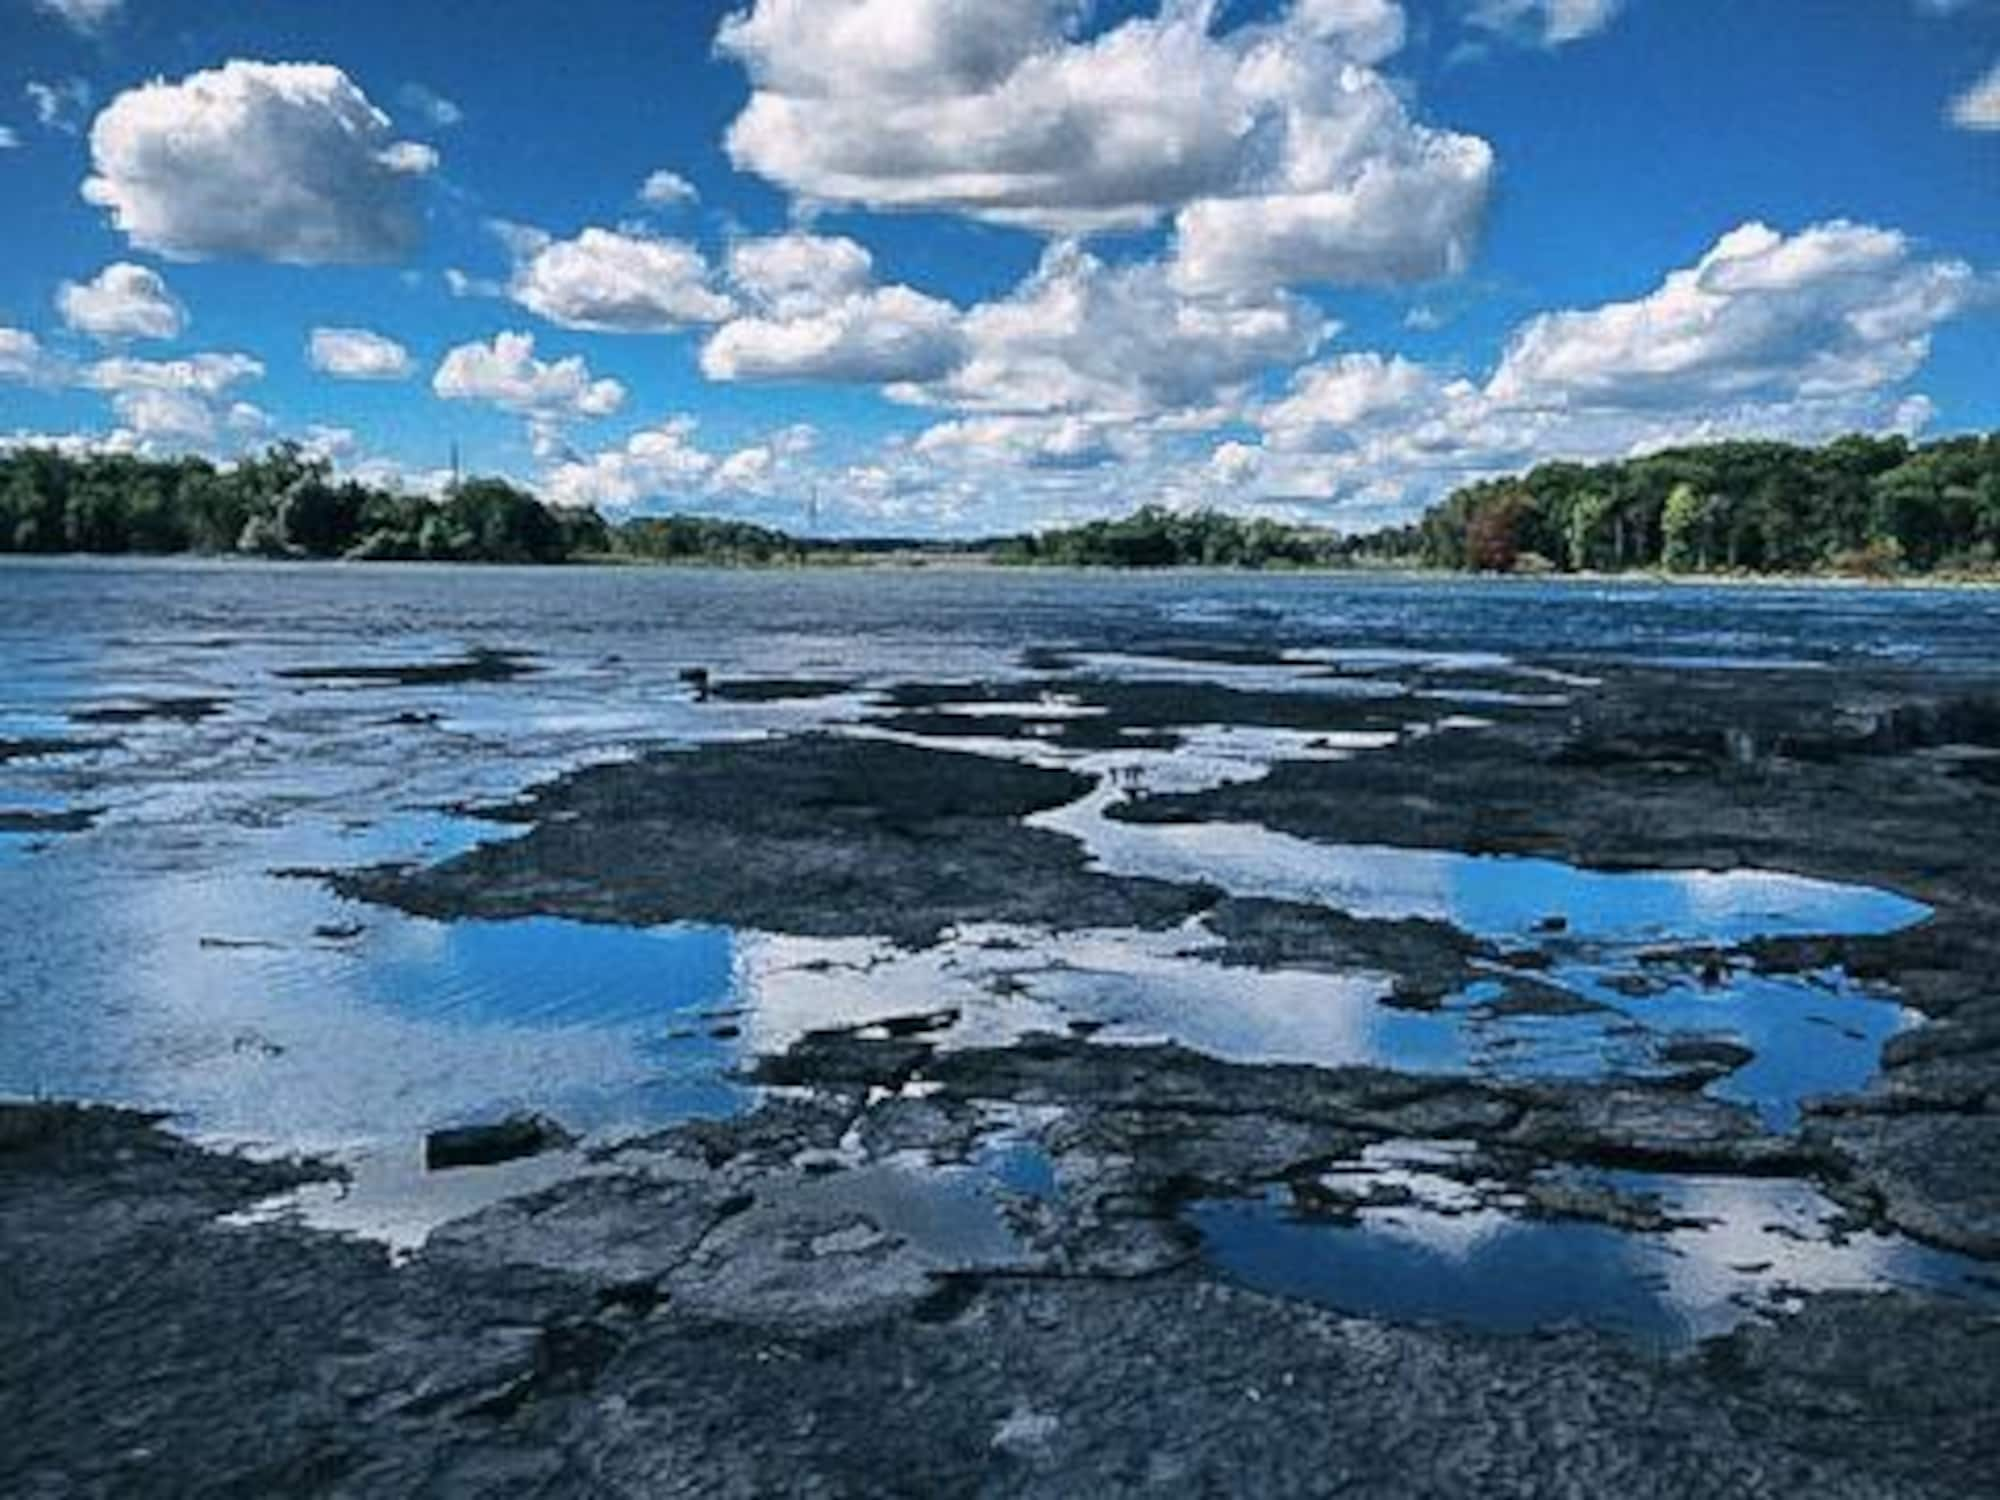 Un aperçu du paysage entourant l'île Dondaine